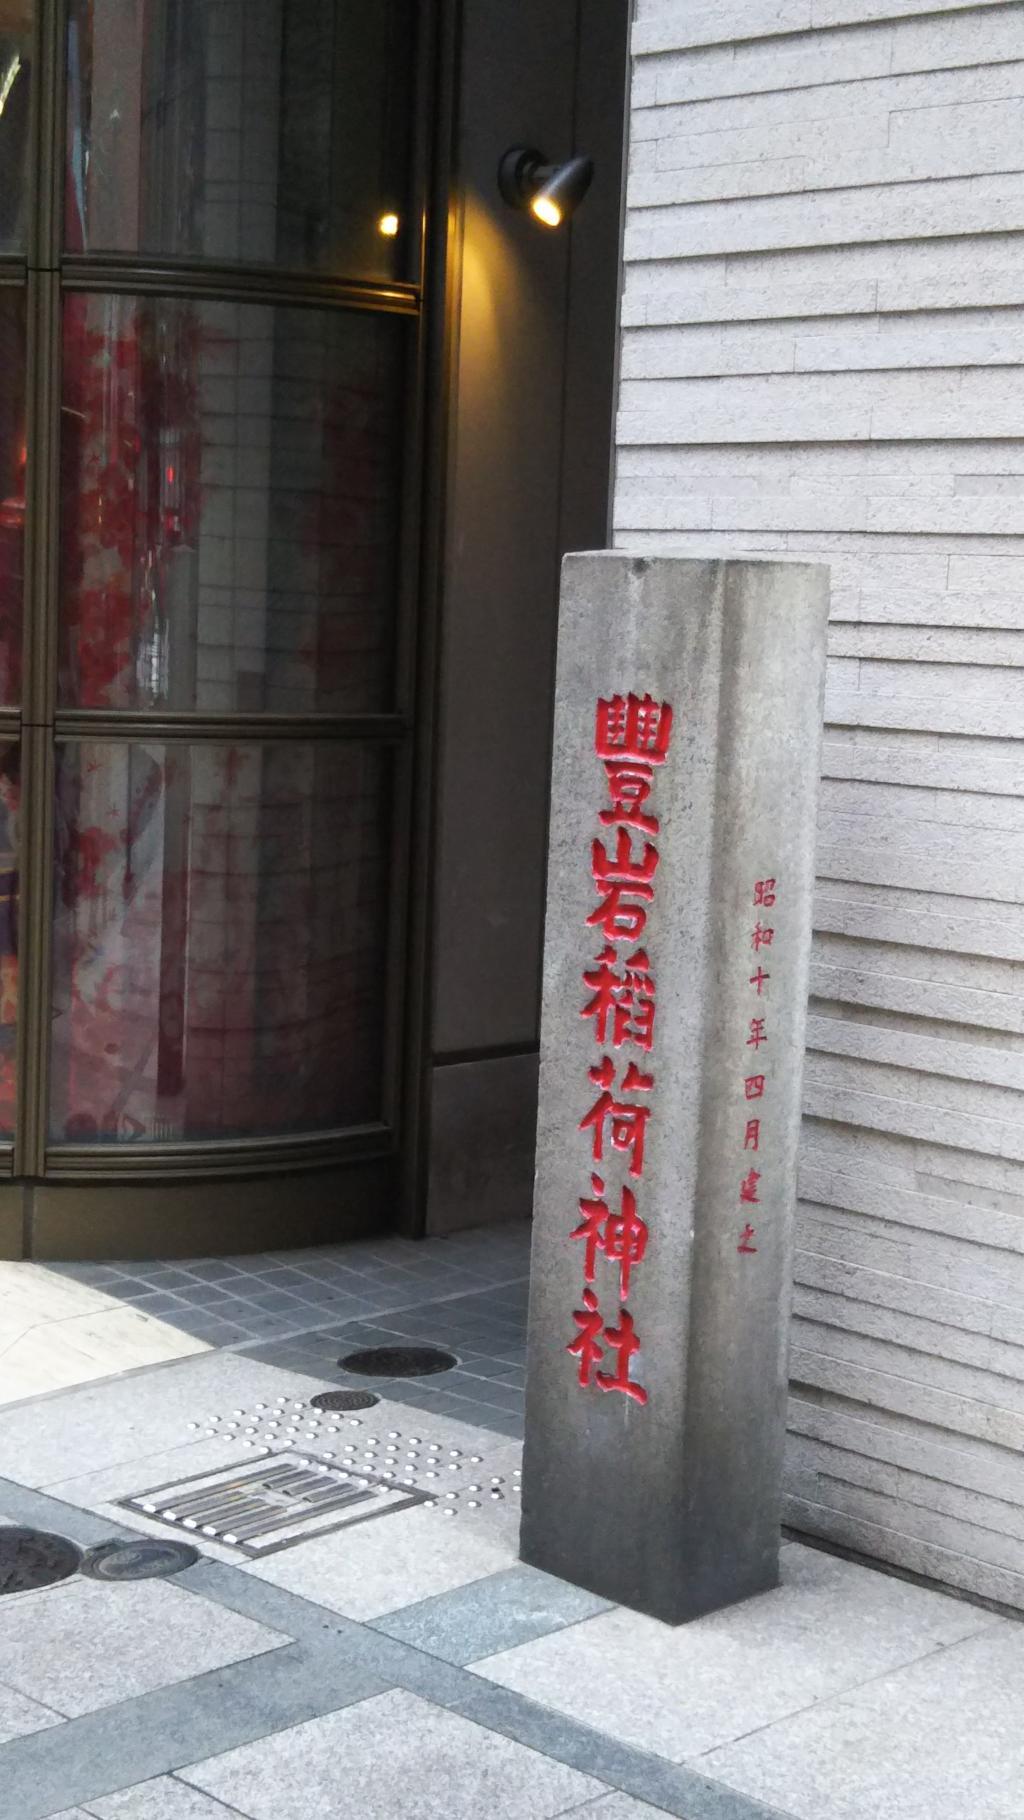 银座的胡同:豊岩稲荷神社和有自动门的胡同